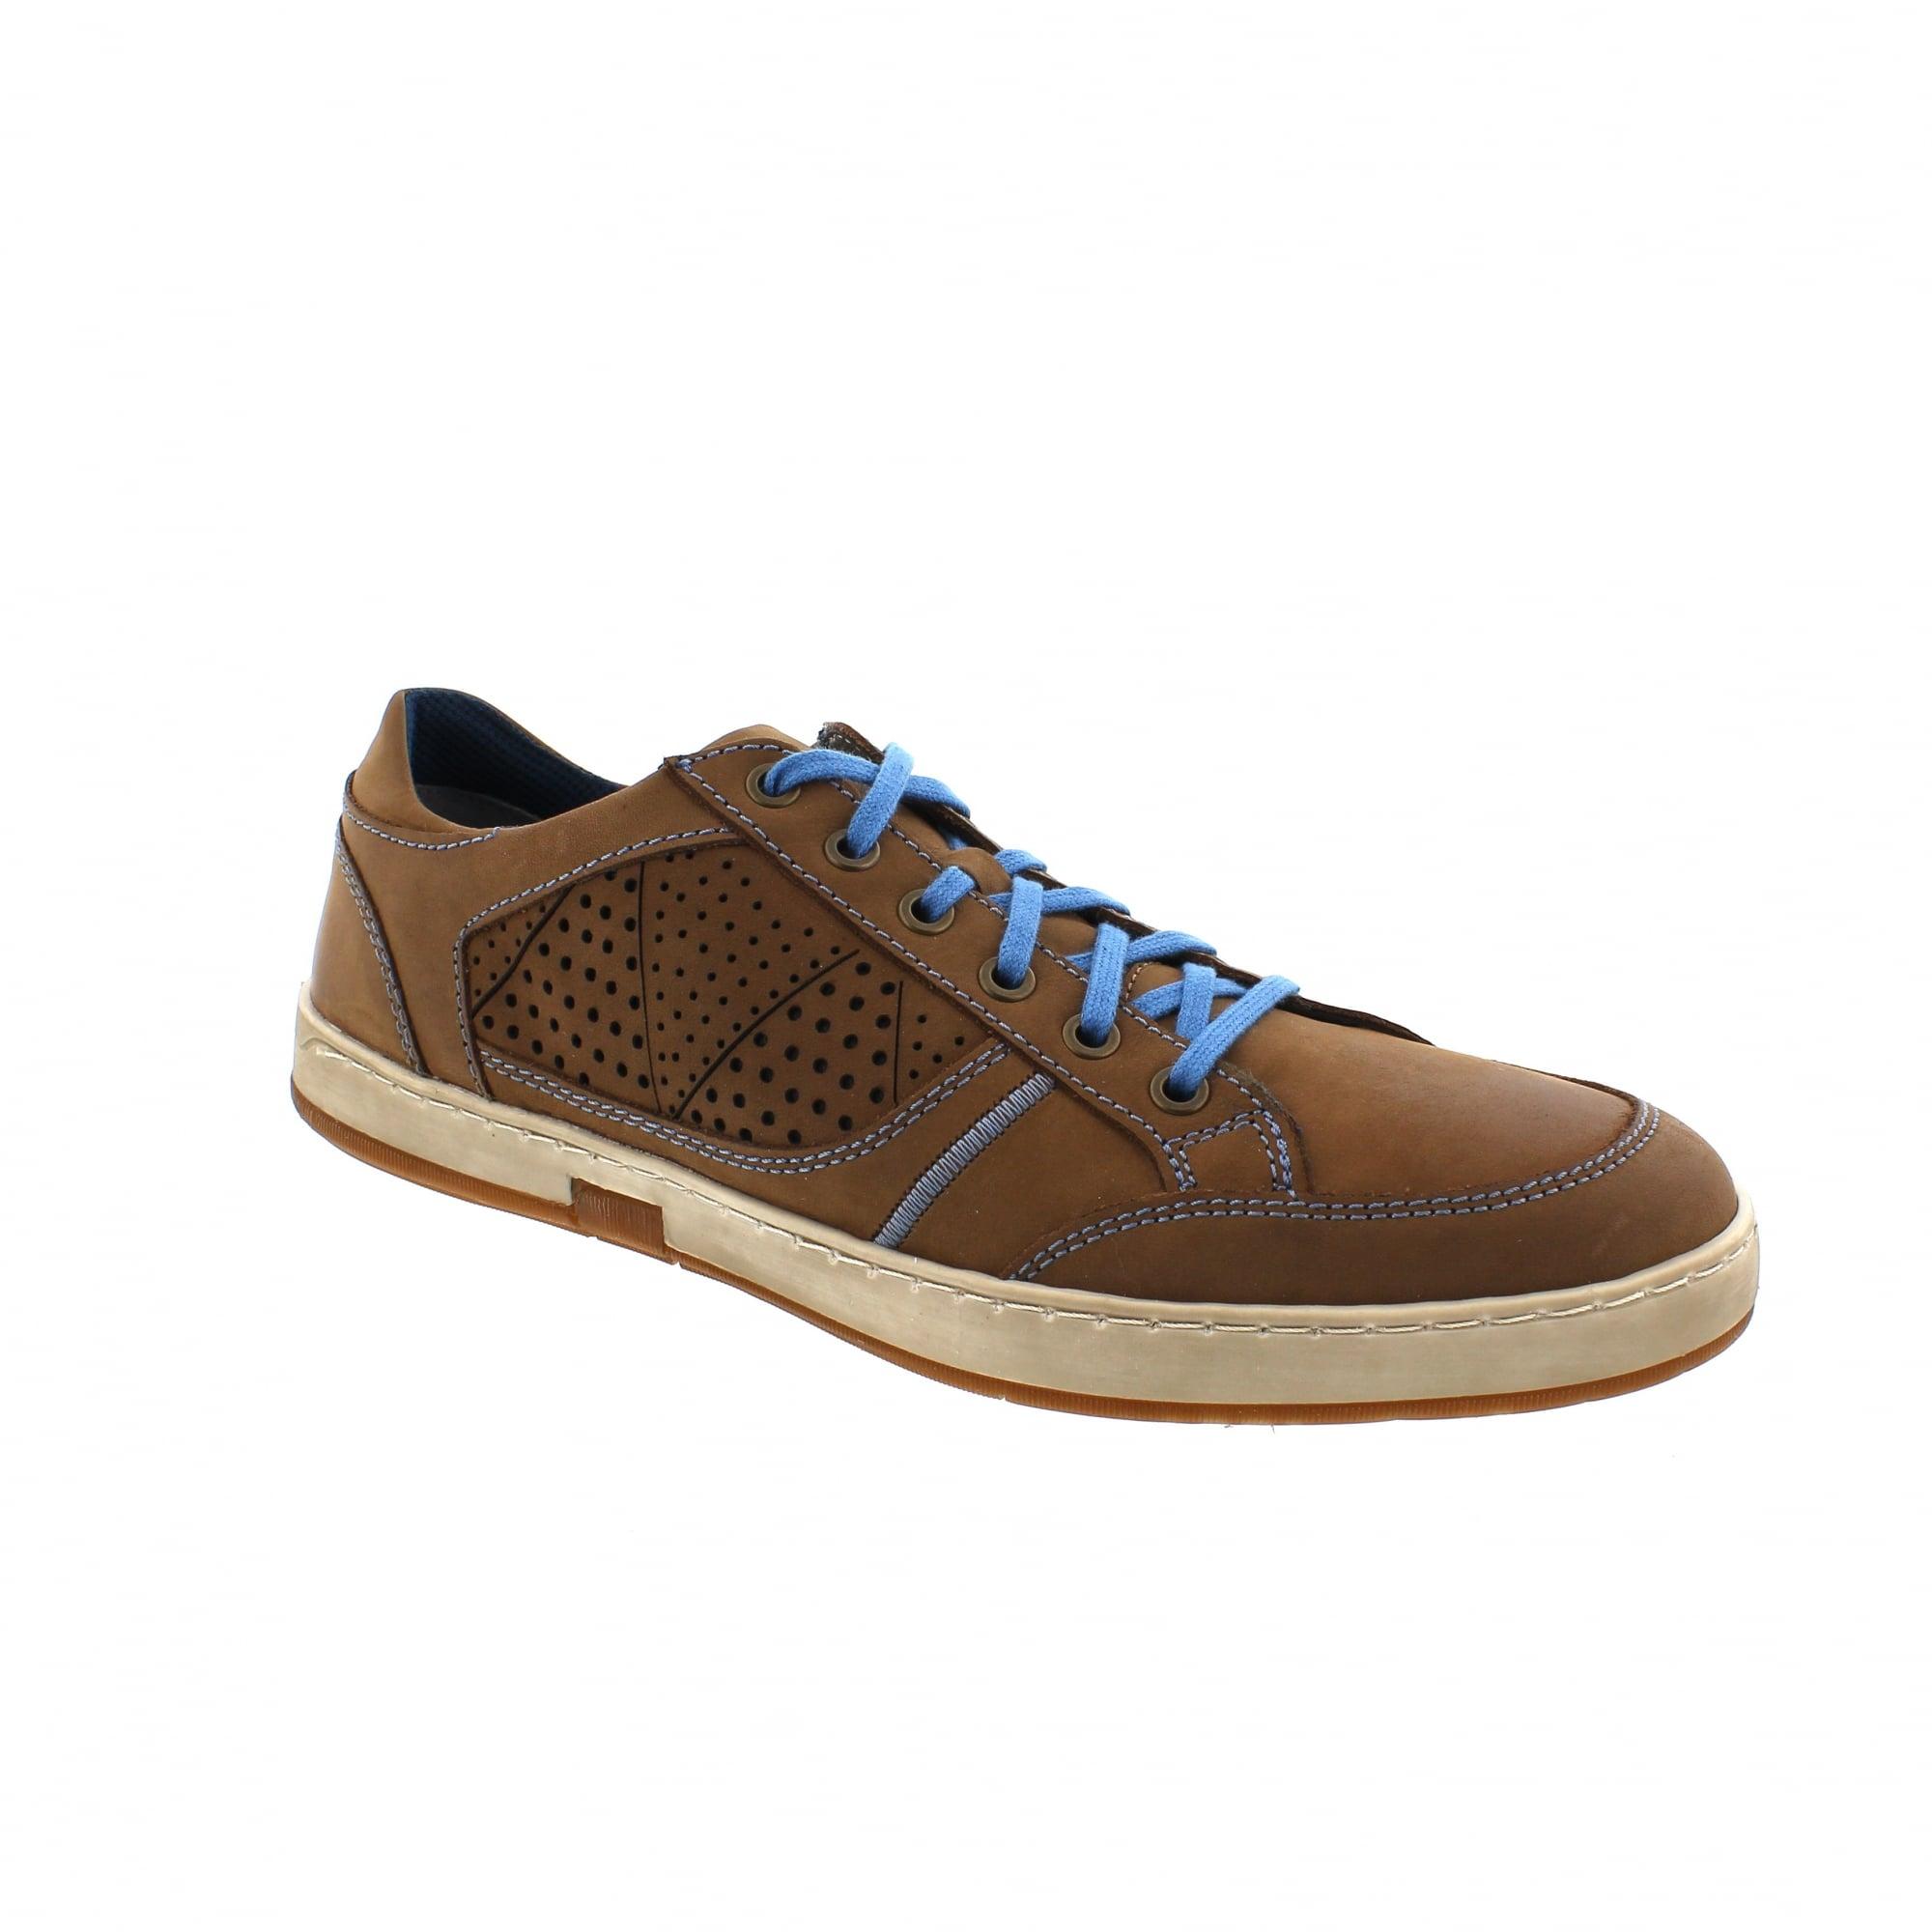 billiger Verkauf berühmte Designermarke größte Auswahl Josef Seibel Gatteo 12 11119-767310 Mens Trainers | Rogerson Shoes